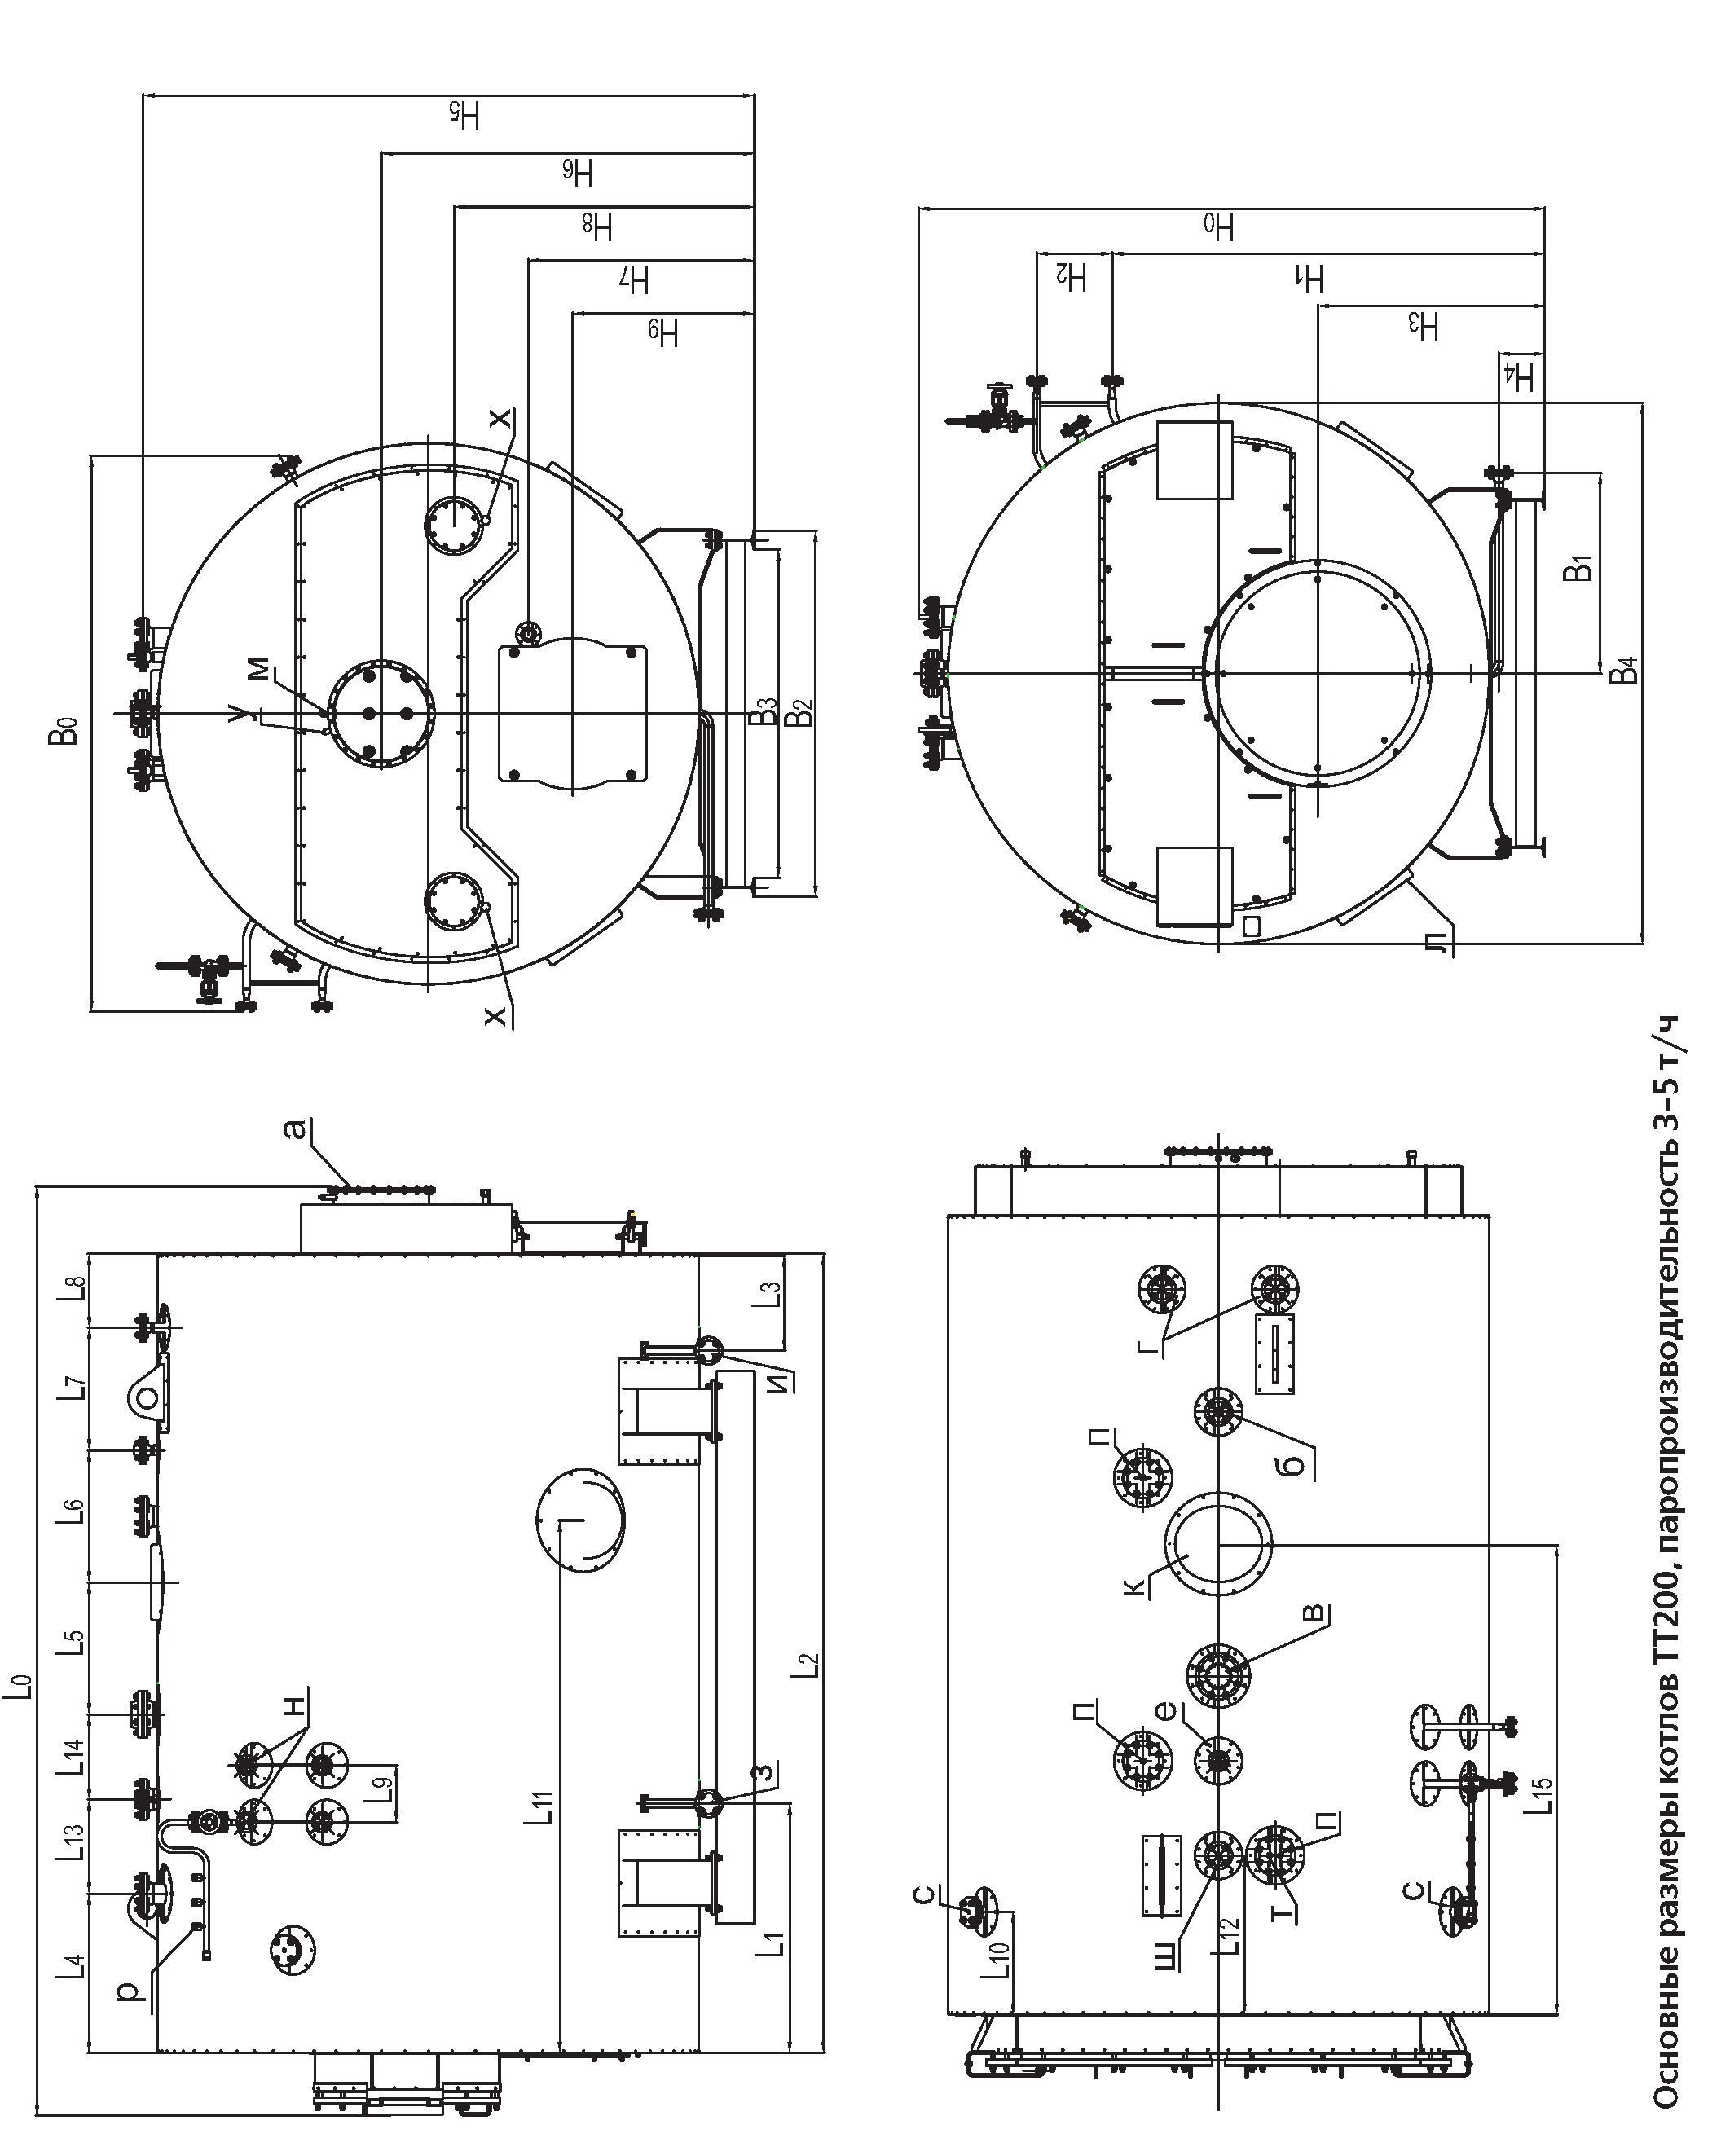 Инструкция по эксплуатации котла тт200